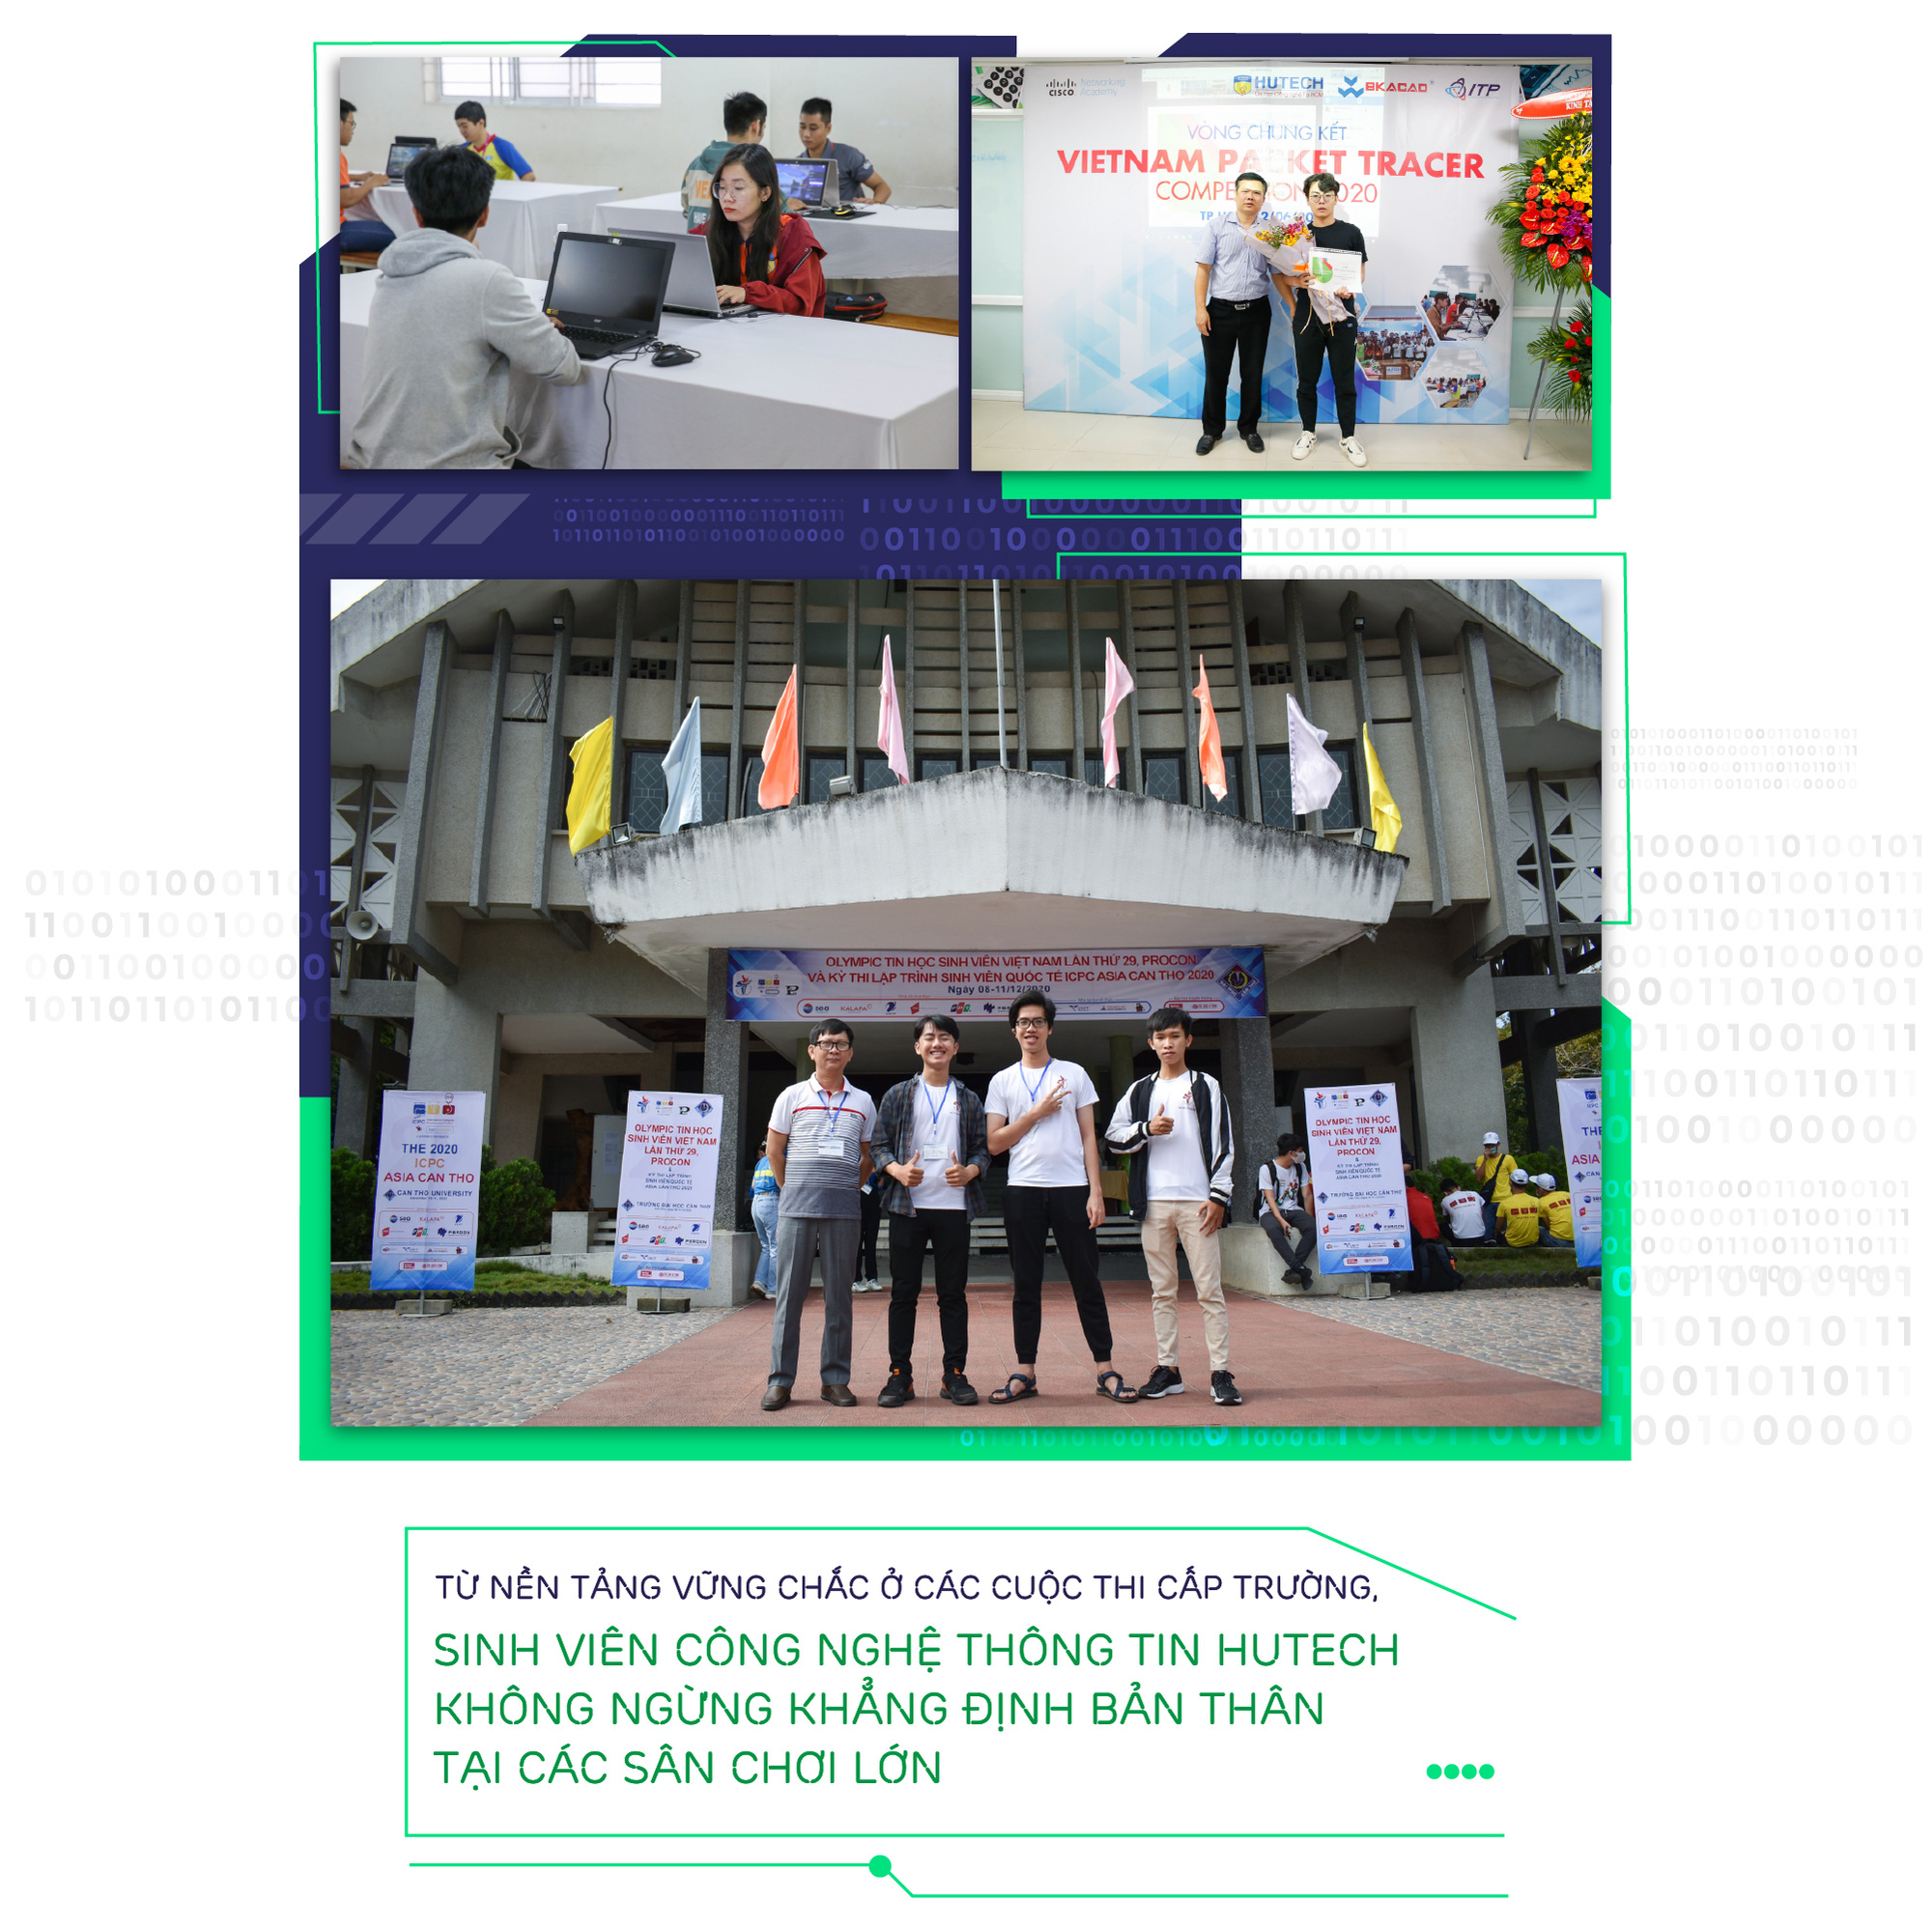 Sân chơi học thuật của sinh viên Công nghệ thông tin trường Hutech - Ảnh 7.